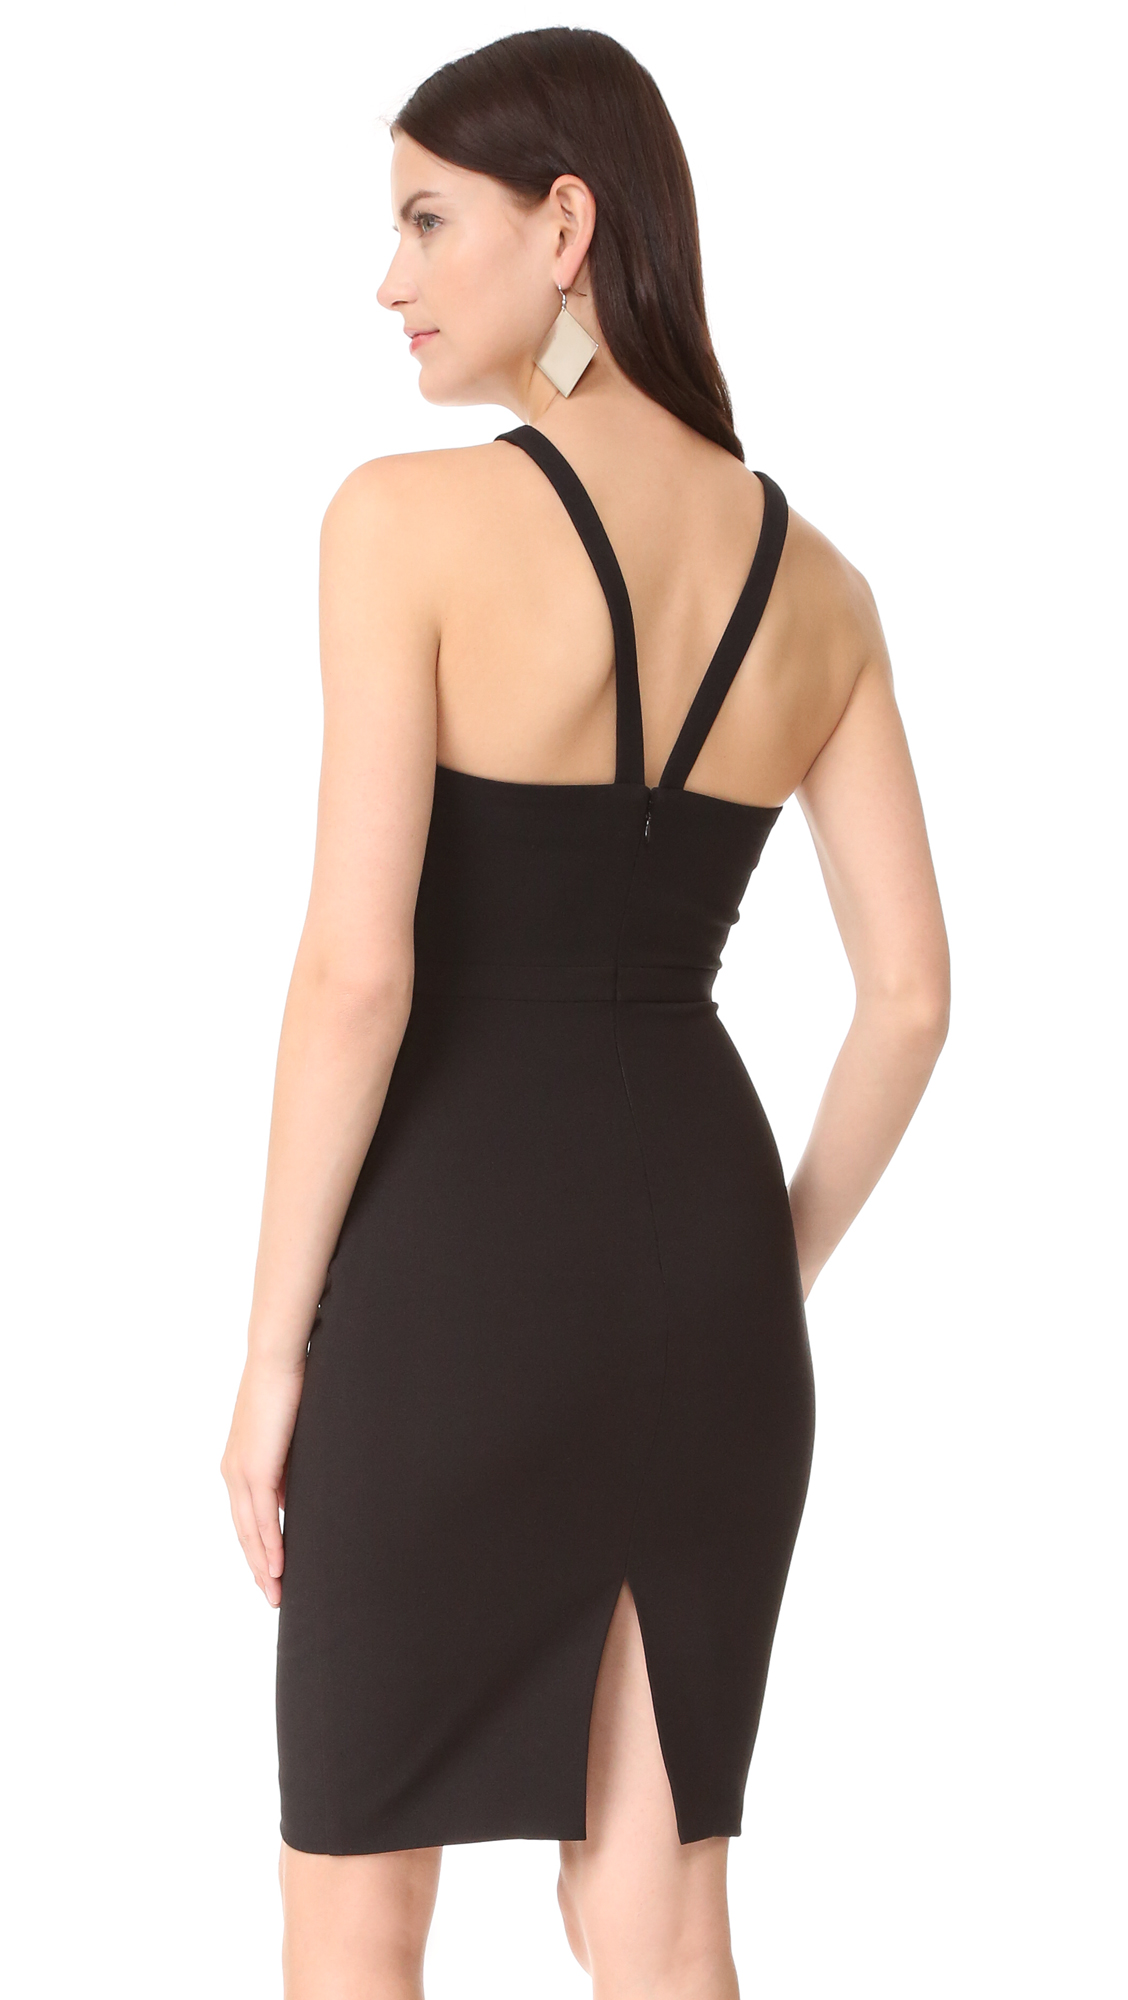 coctail dresses Bridgeport